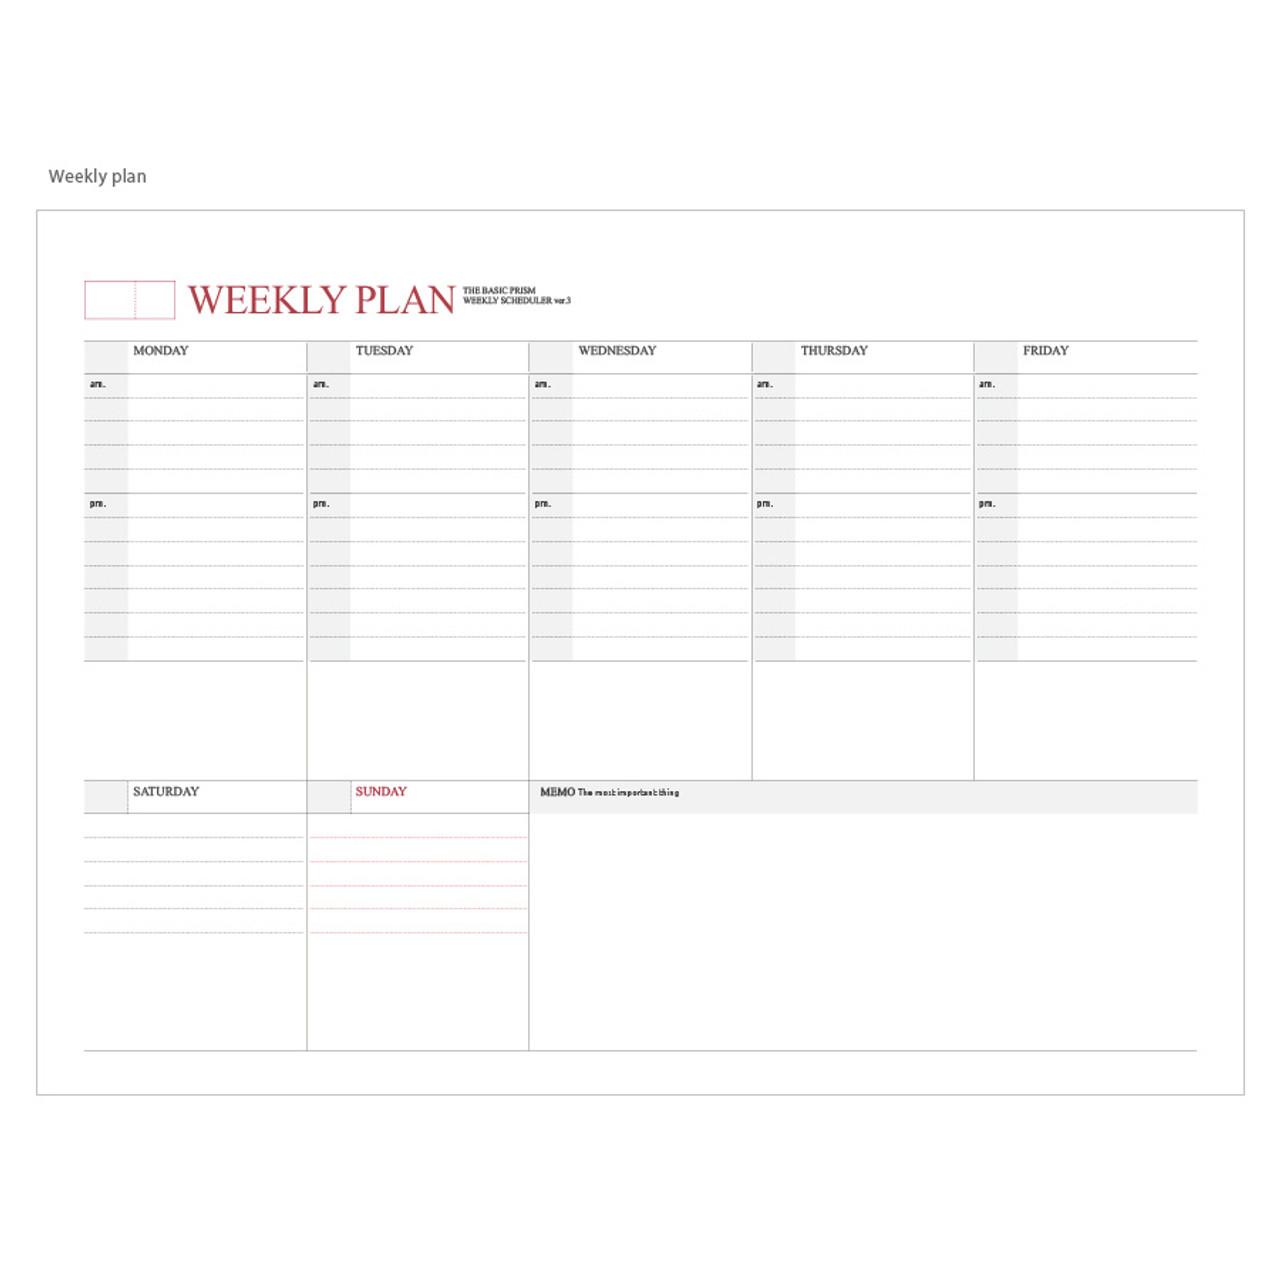 2017 indigo prism wirebound weekly undated scheduler planner